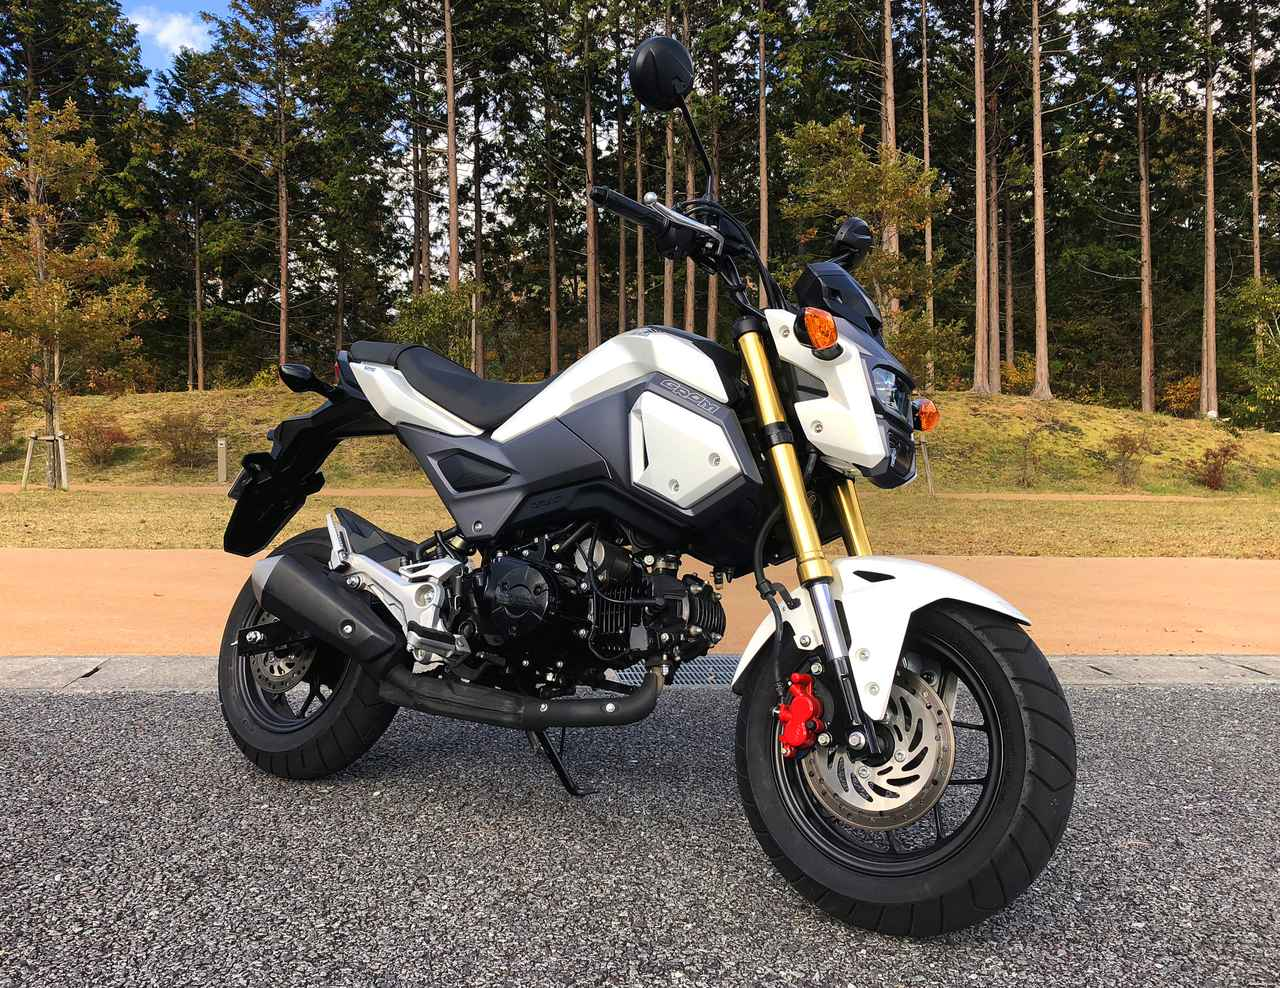 画像1: 原付二種125ccだと思って甘くみていました……